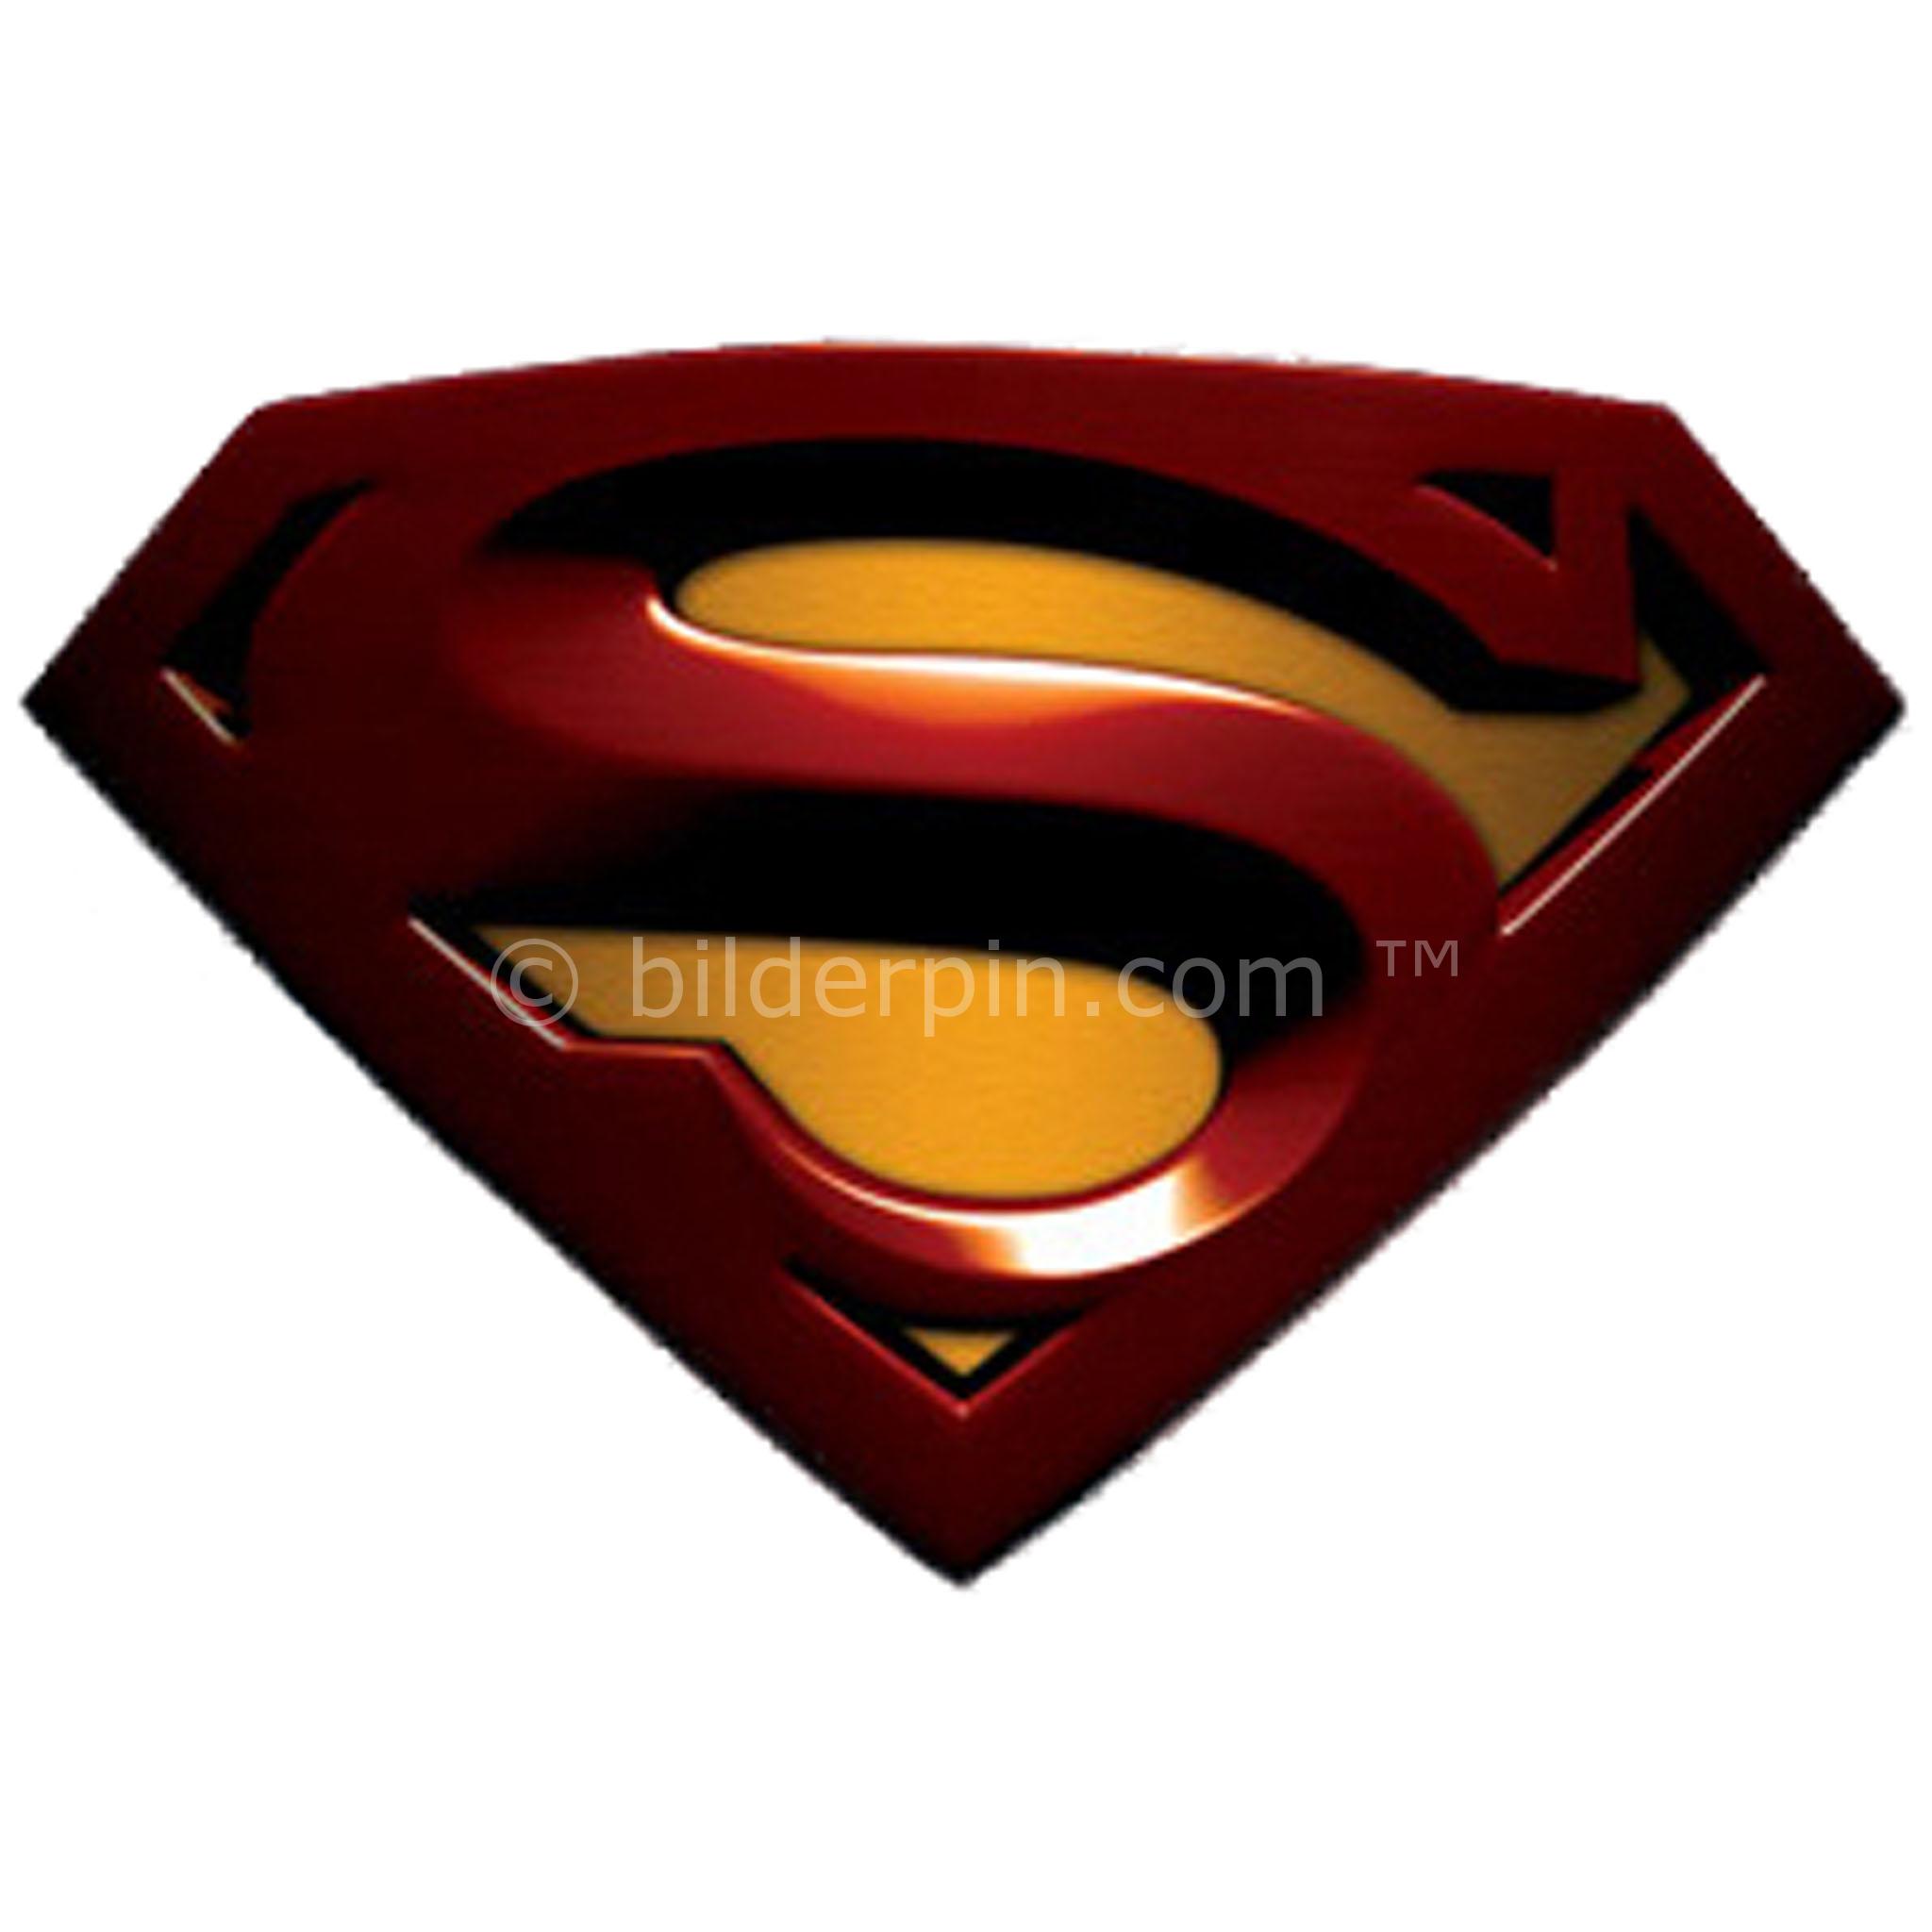 Pin by BilderPin on Schönheit | Pinterest | Superman logo